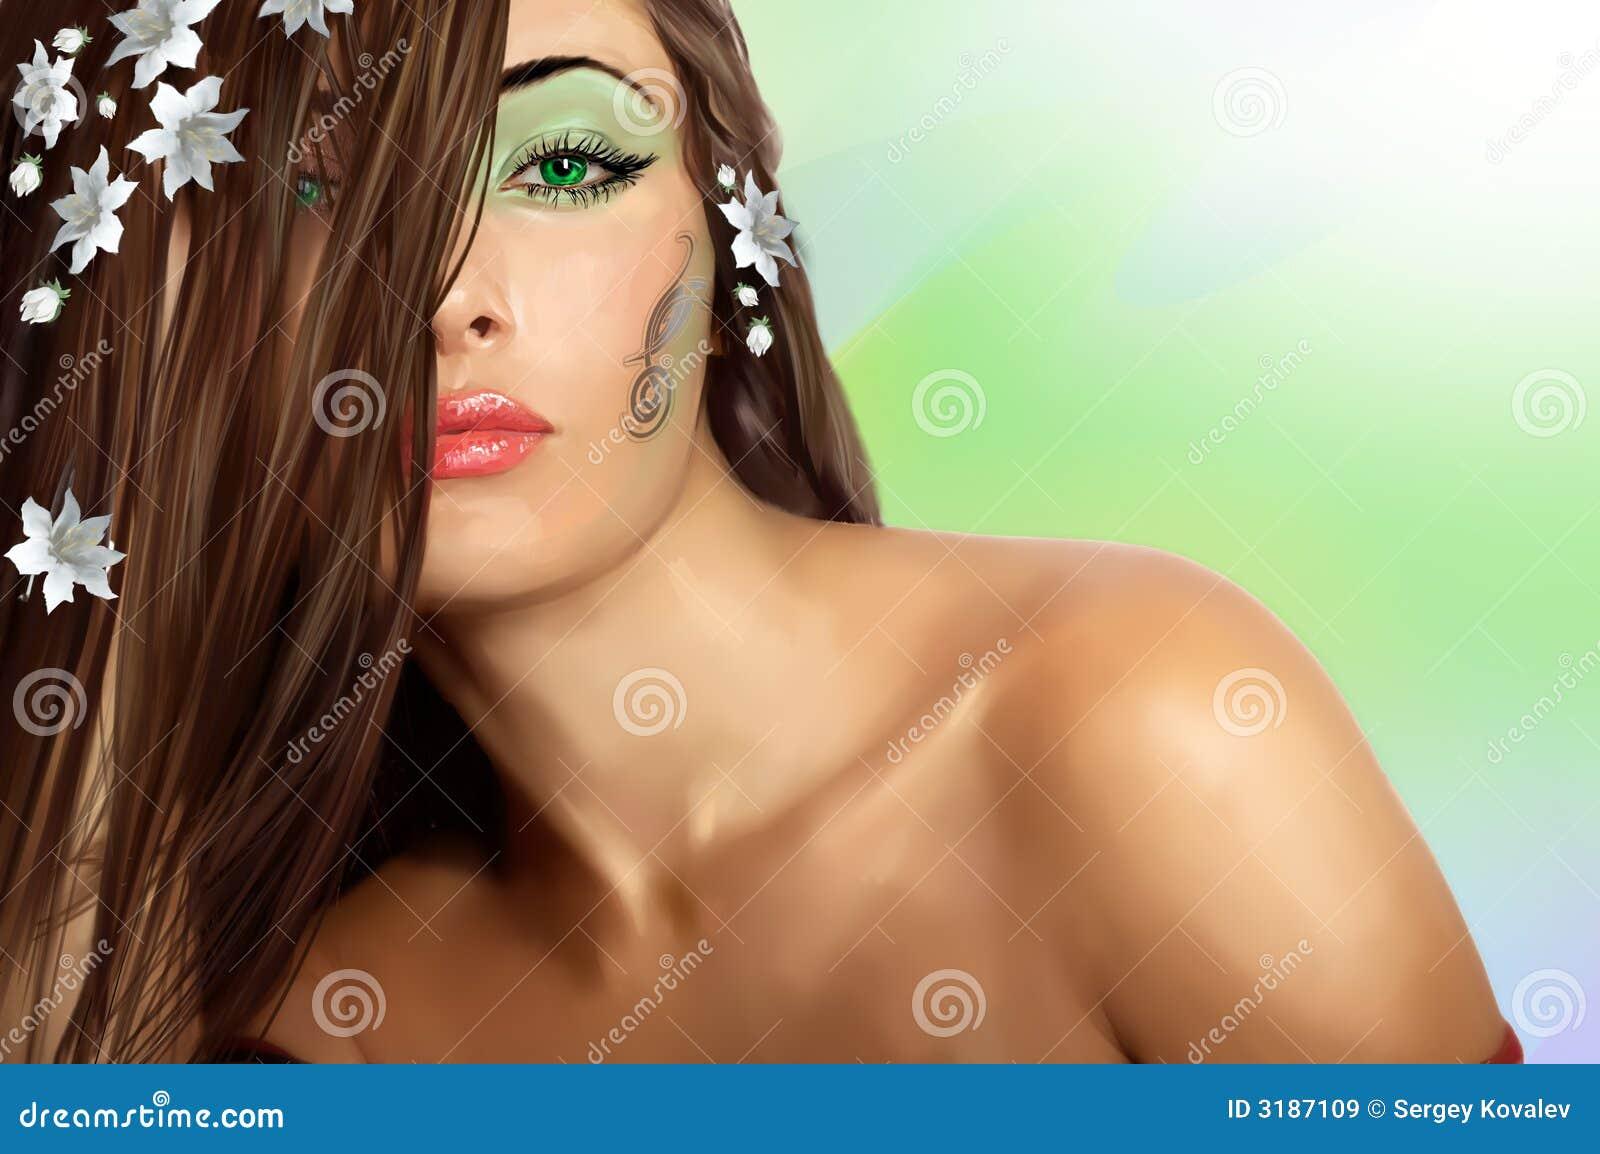 Sensuele dame met groene ogen